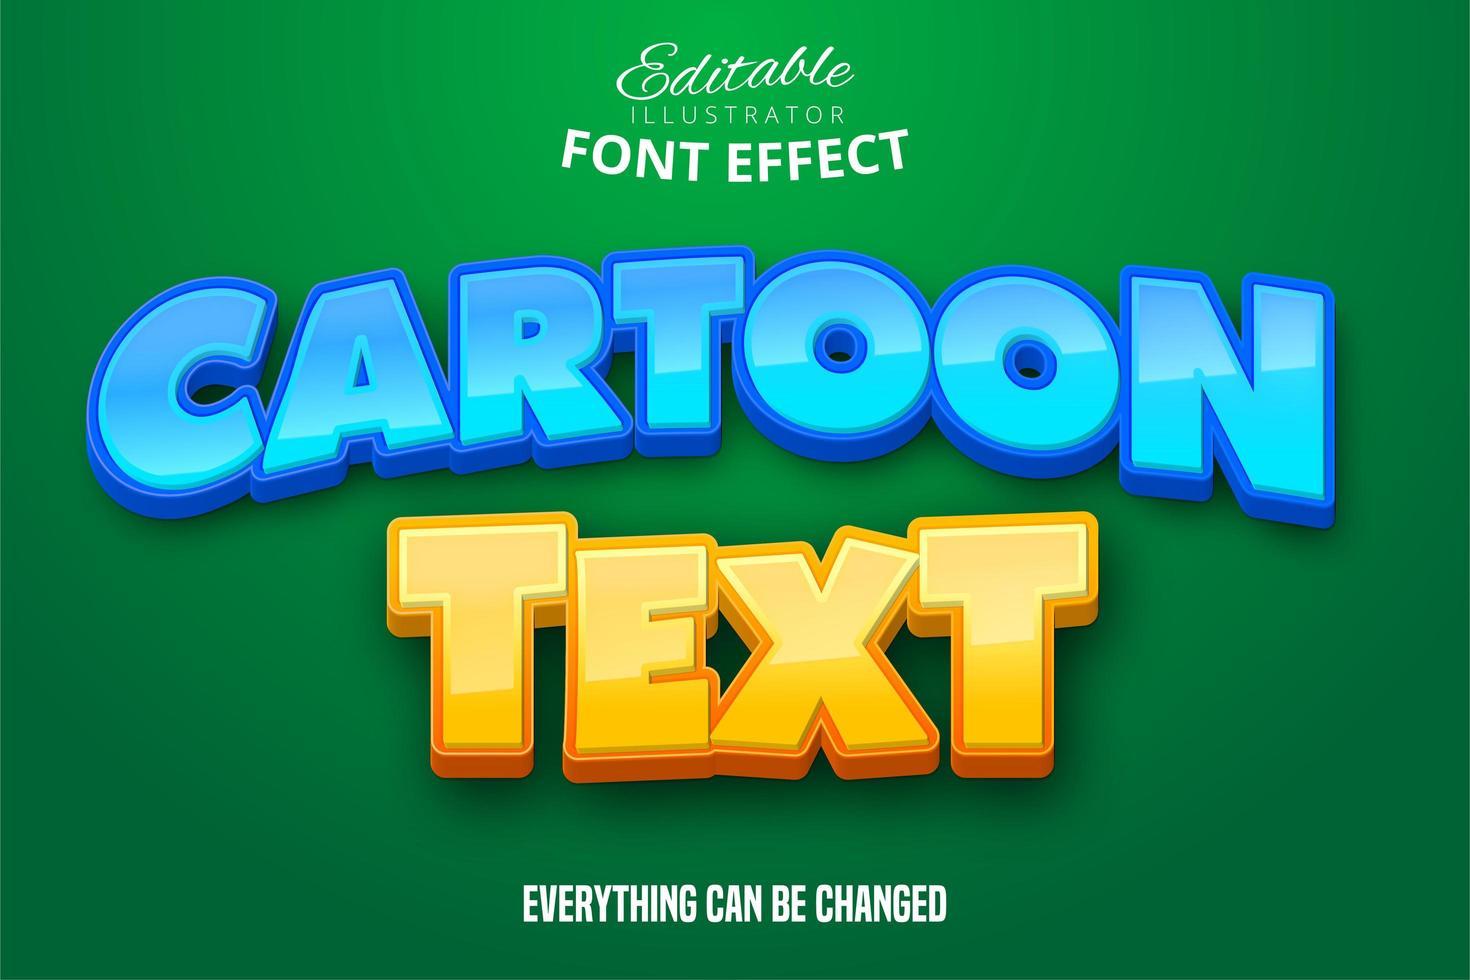 effet de texte de dessin animé bleu jaune vecteur